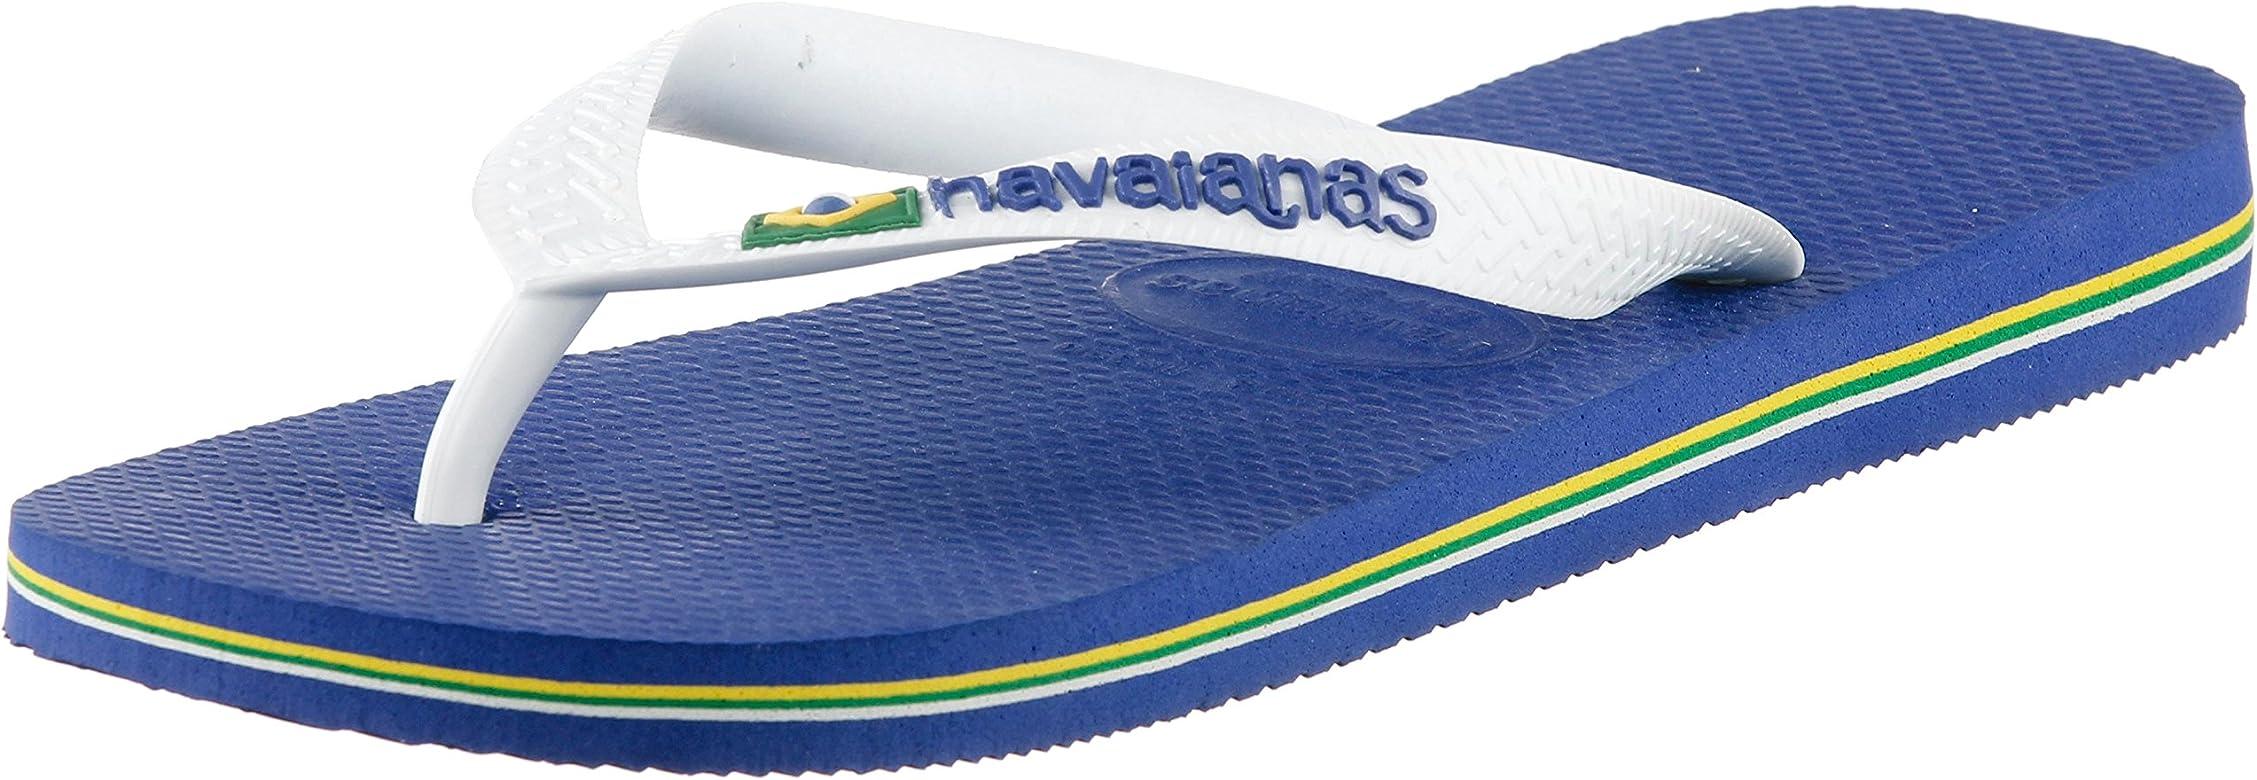 Havainas Slim White, Chanclas para Mujer, Marine Blue, 45/46 EU: Amazon.es: Zapatos y complementos